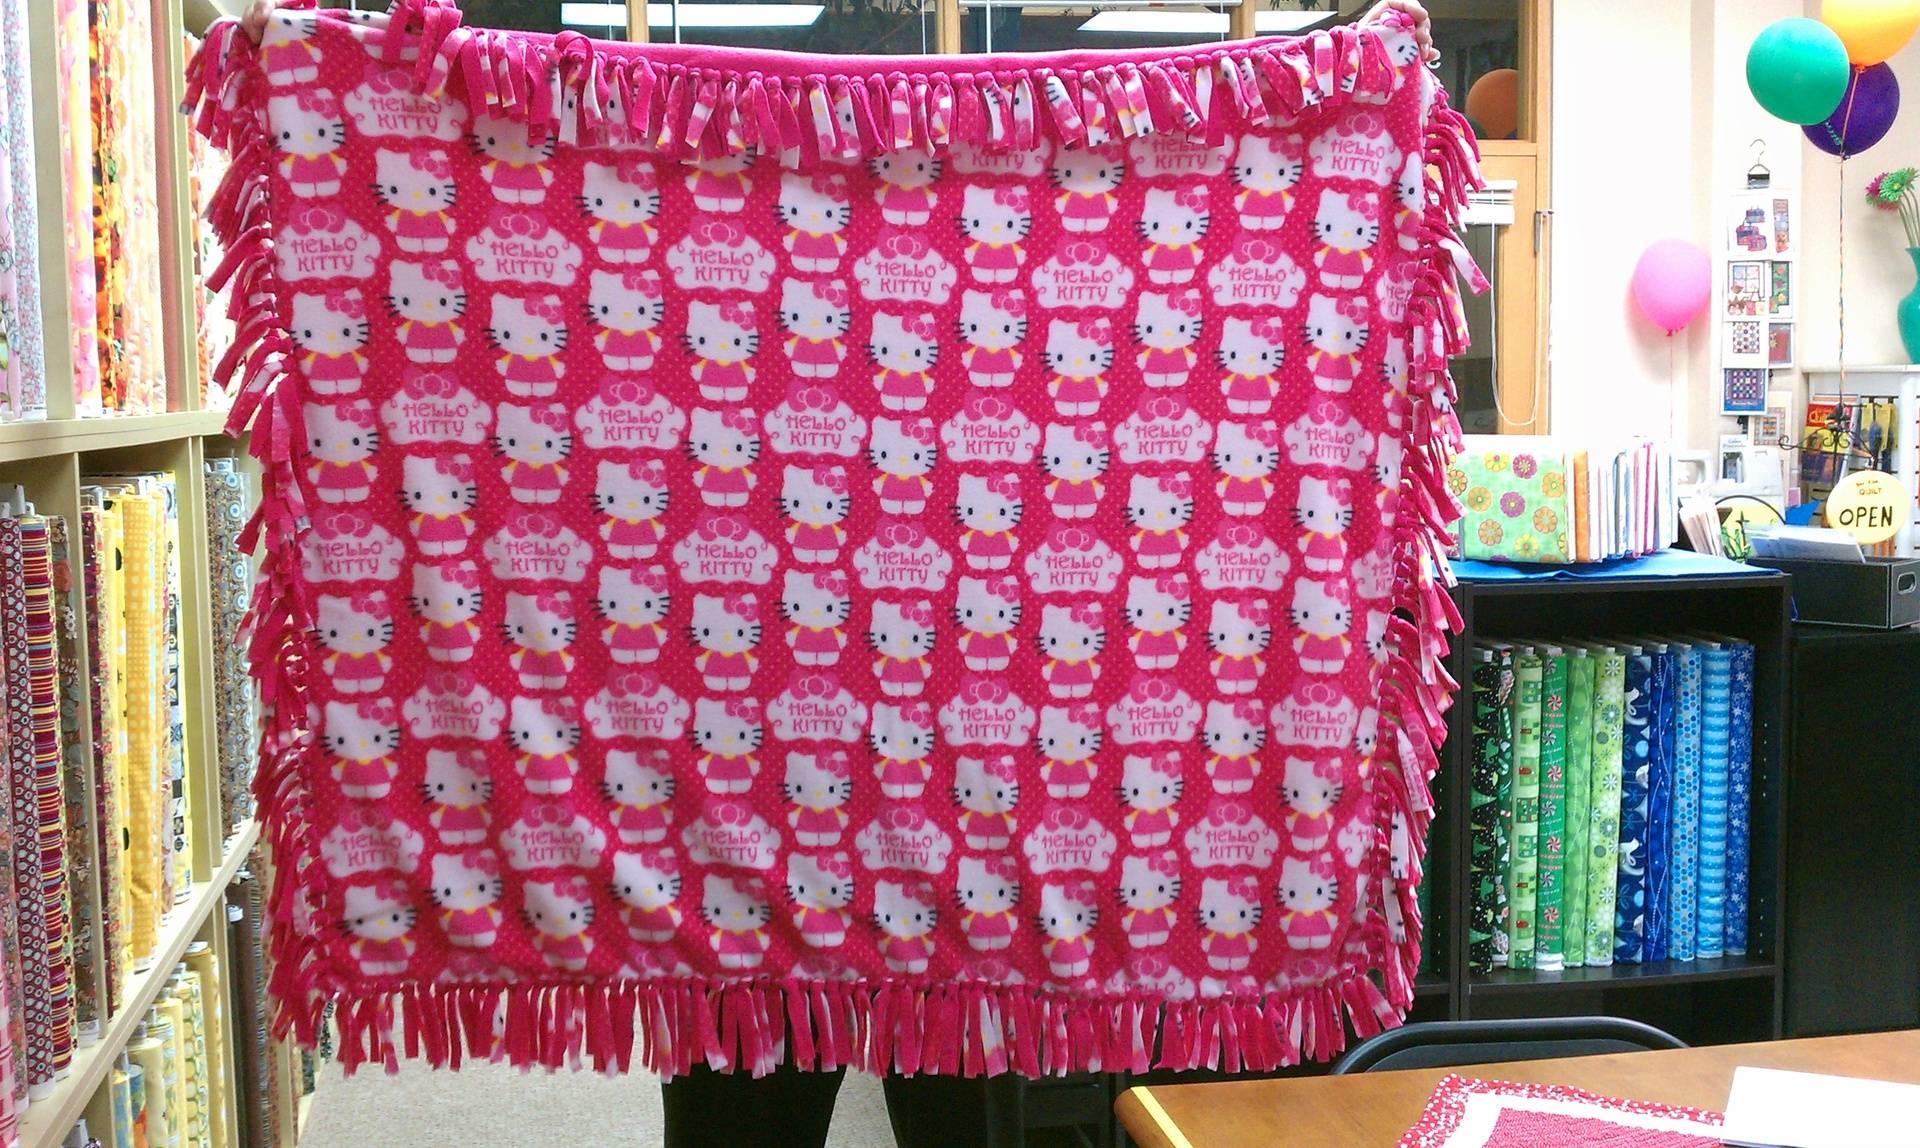 Knotted Hello Kitty fleece